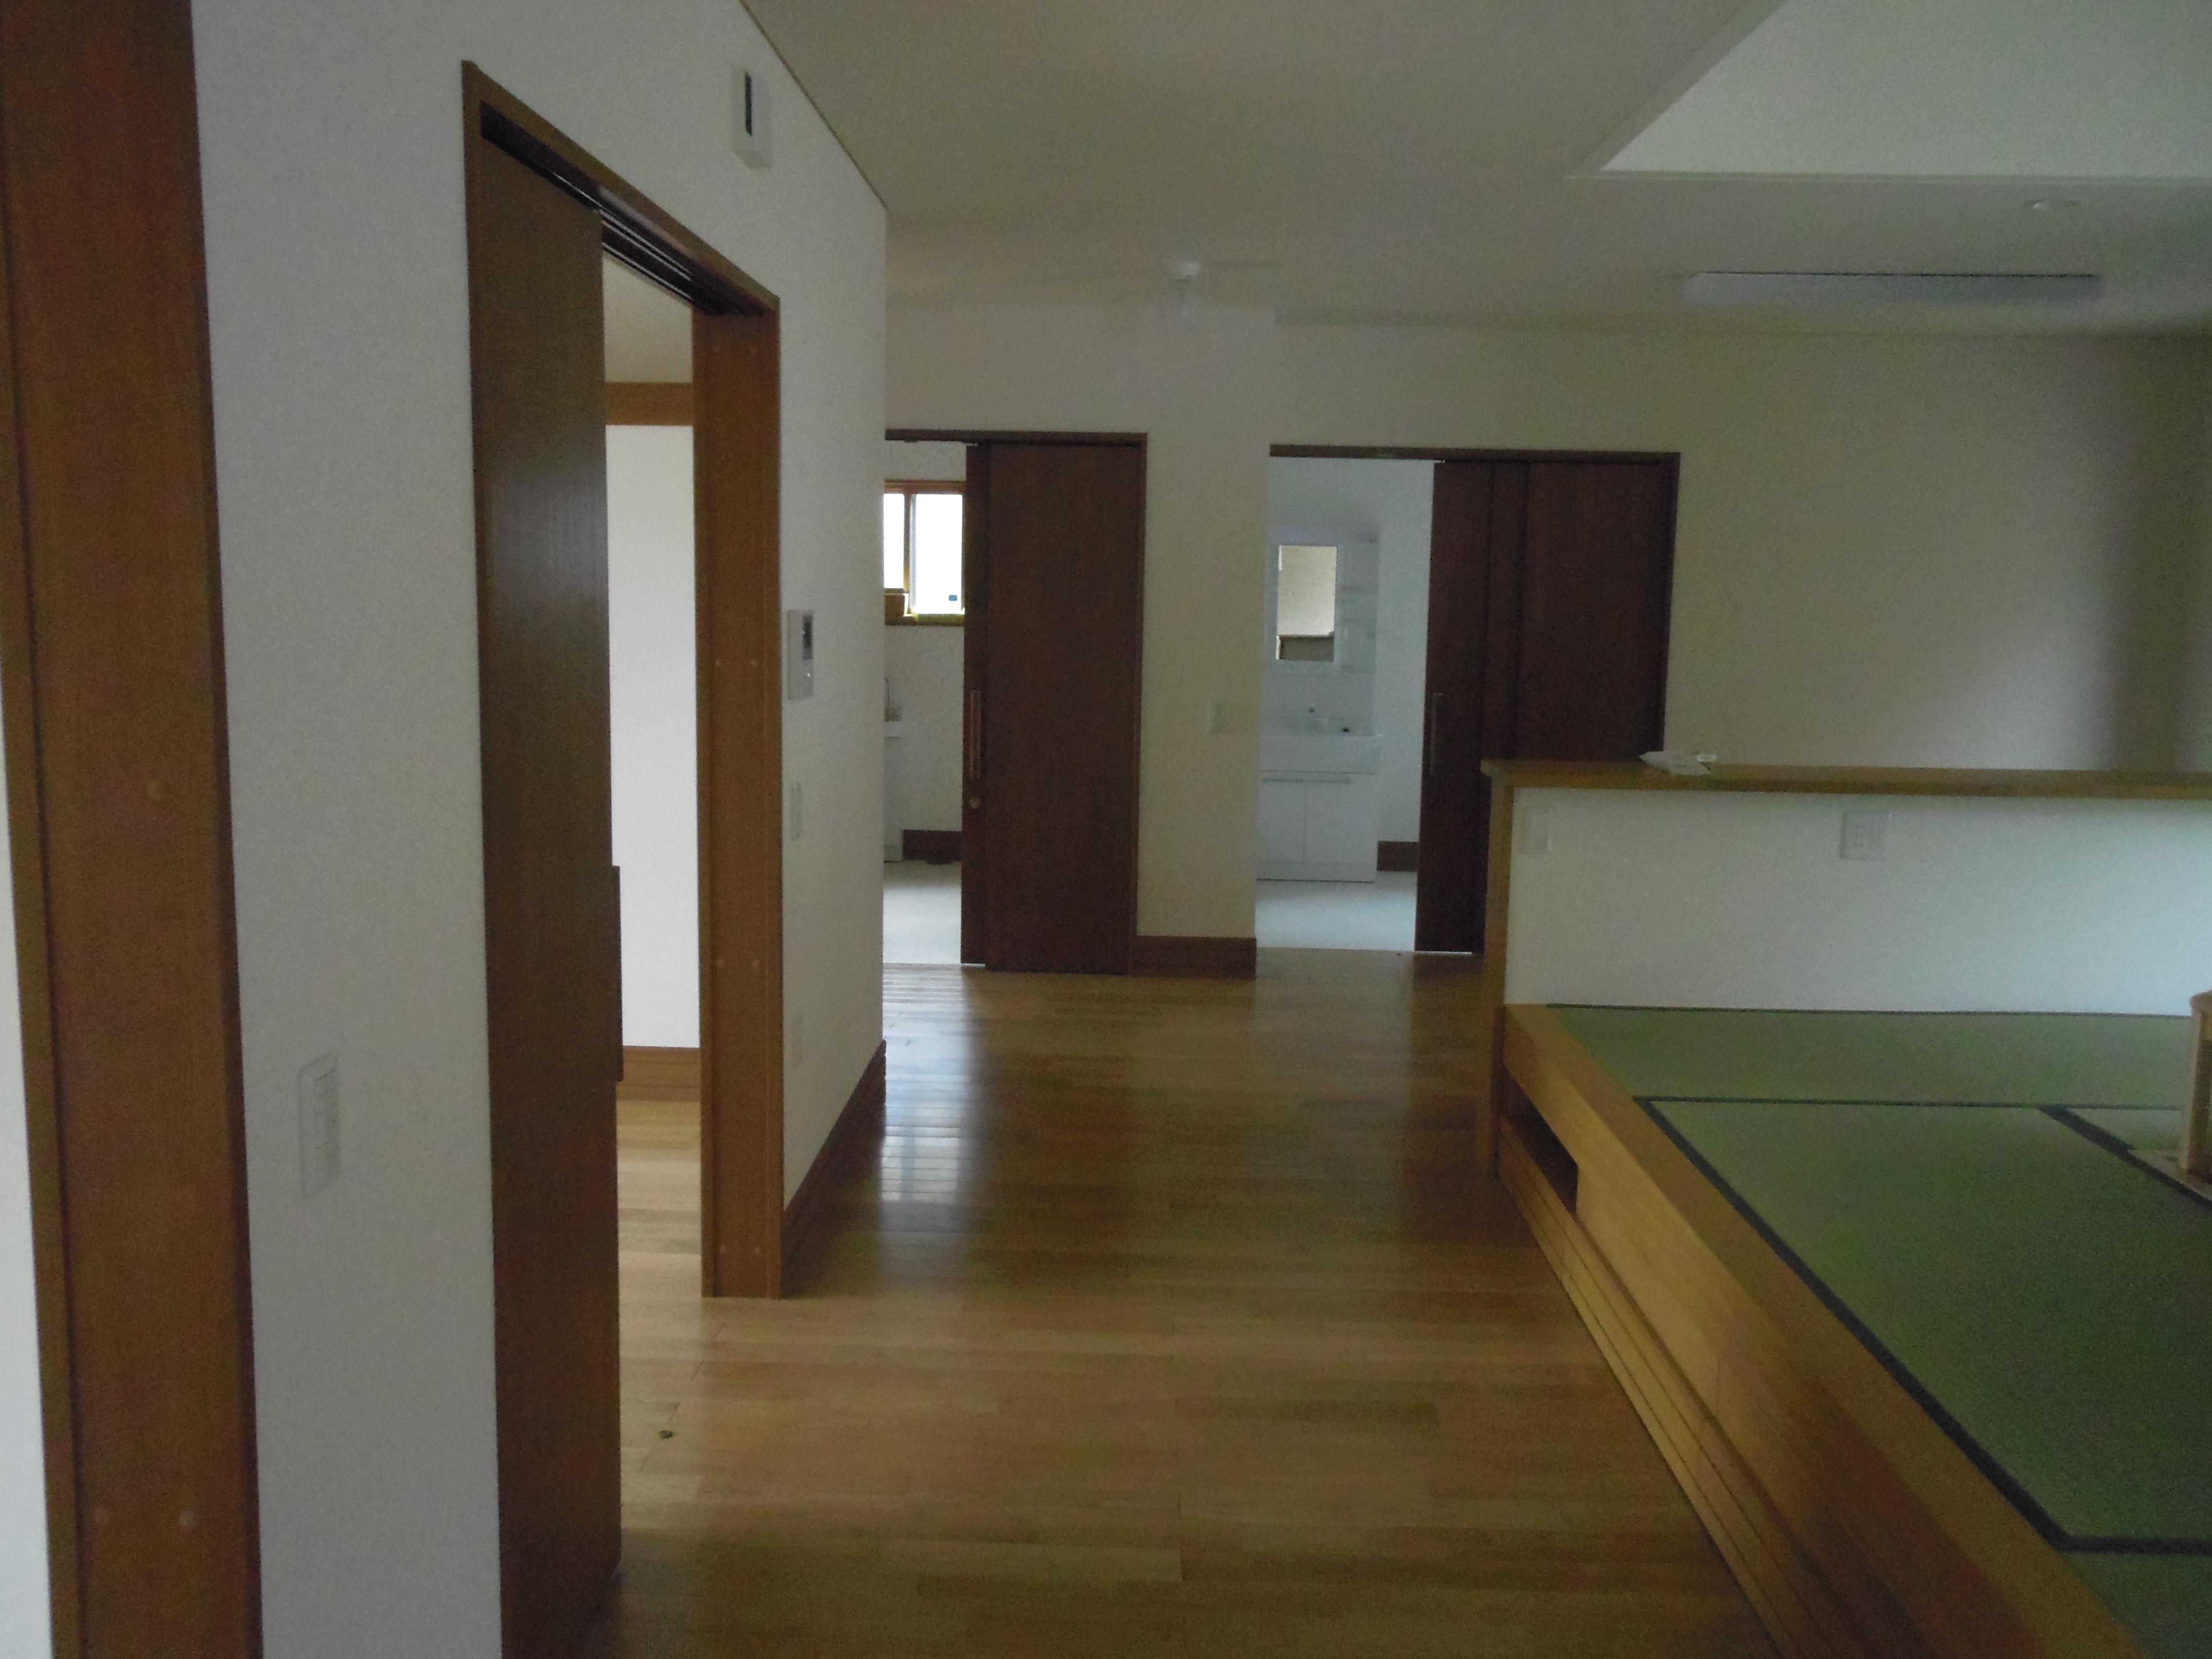 環境建設株式会社バリアフリー住宅完成しました環境建設株式会社